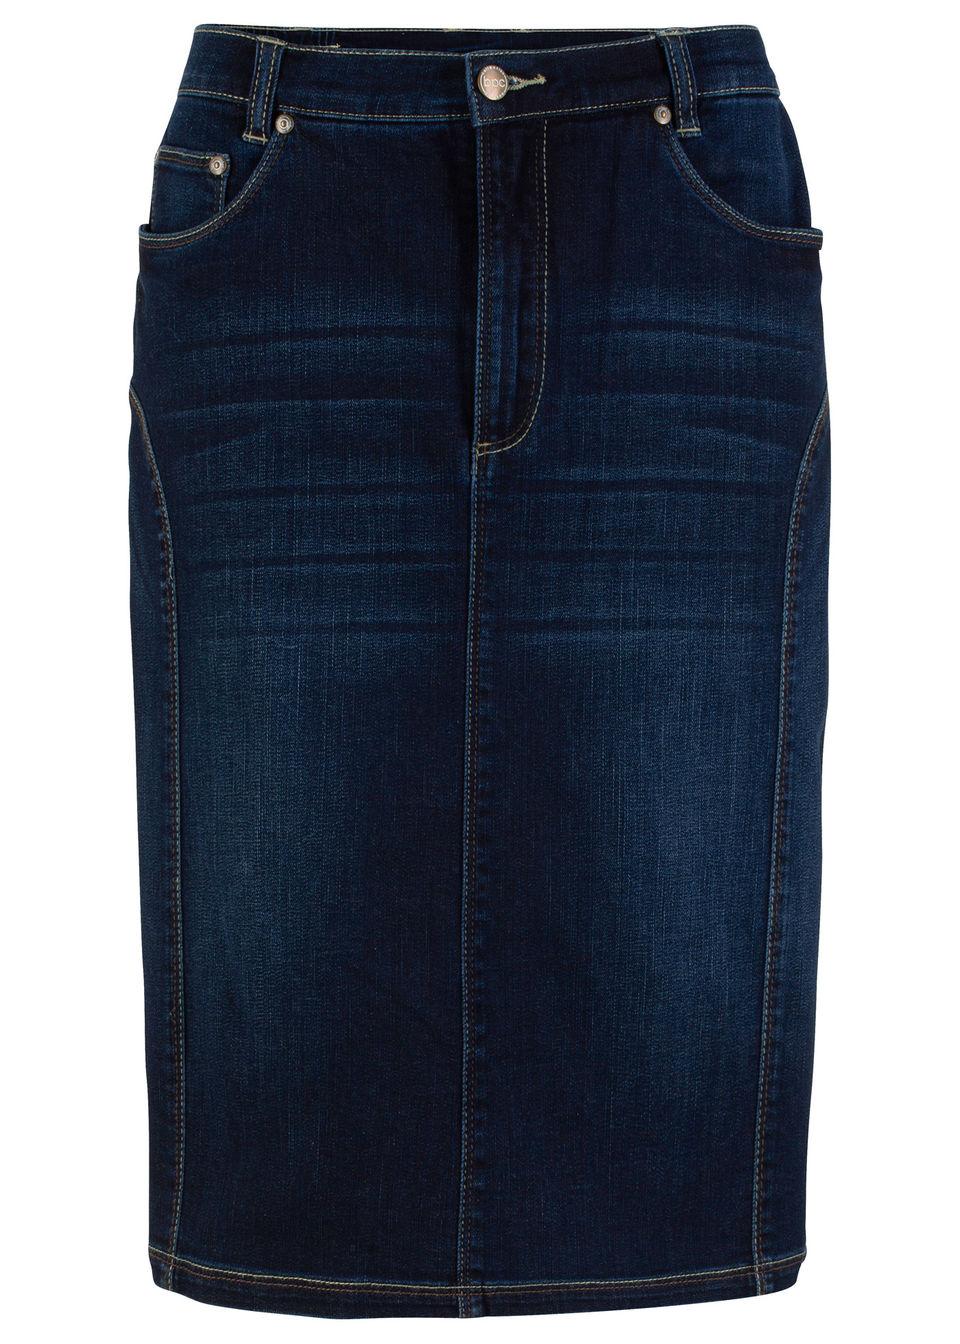 Spódnica ze szwami nadającymi atrakcyjny wygląd sylwetce bonprix ciemny denim